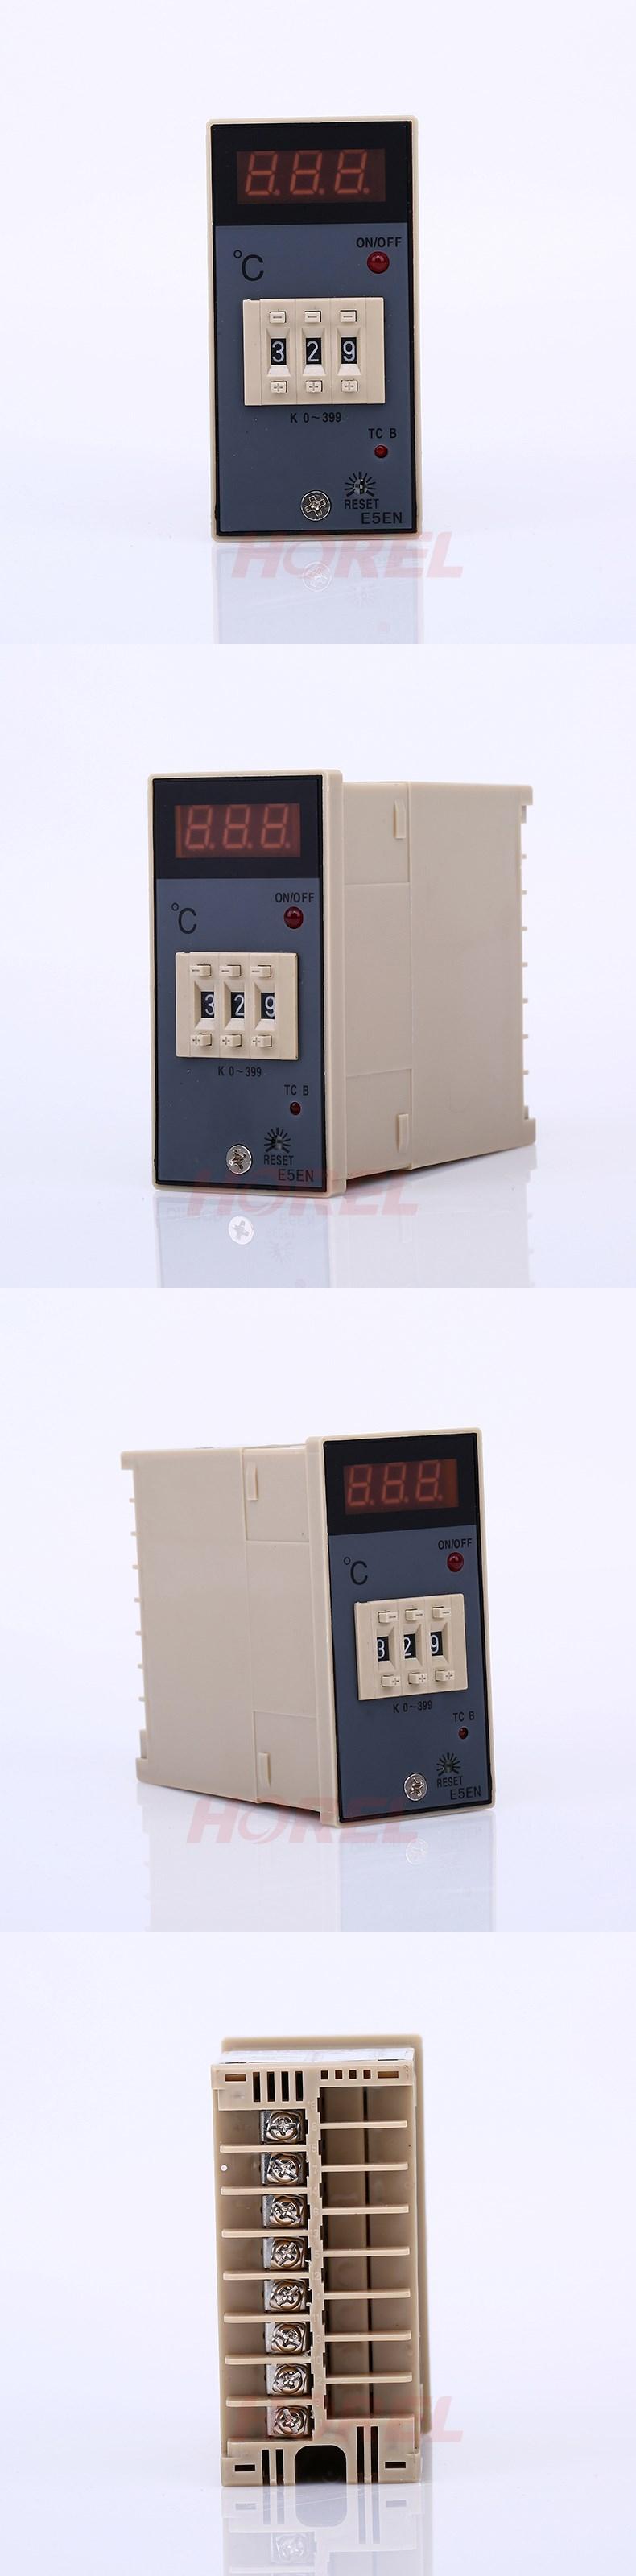 E5EN Temperature controller 2.jpg